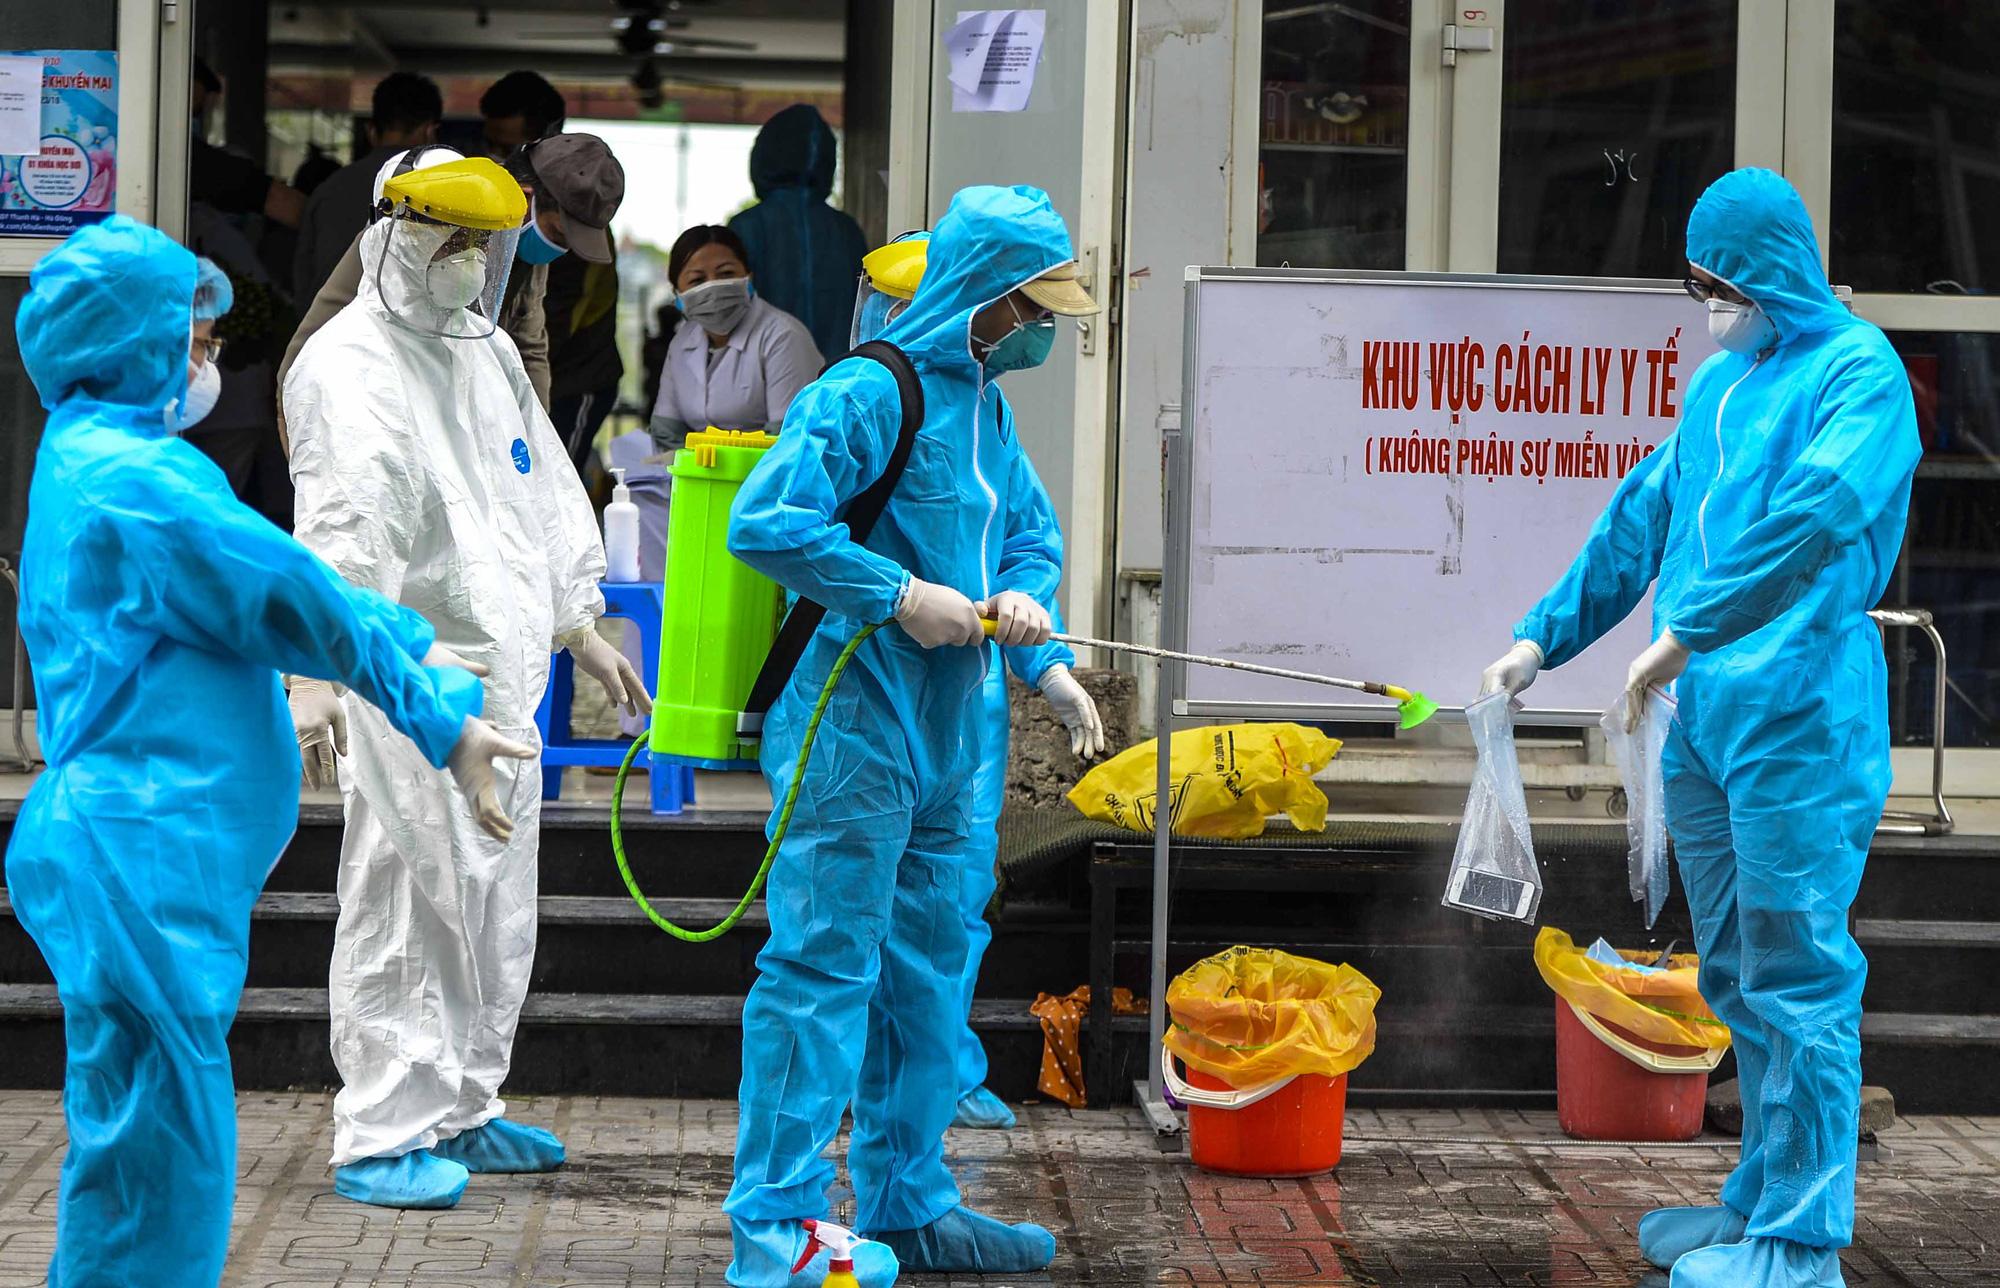 [Ảnh] Tiếp tế 350kg rau cho khu chung cư gần 1.000 dân cách ly ở Hà Nội-2